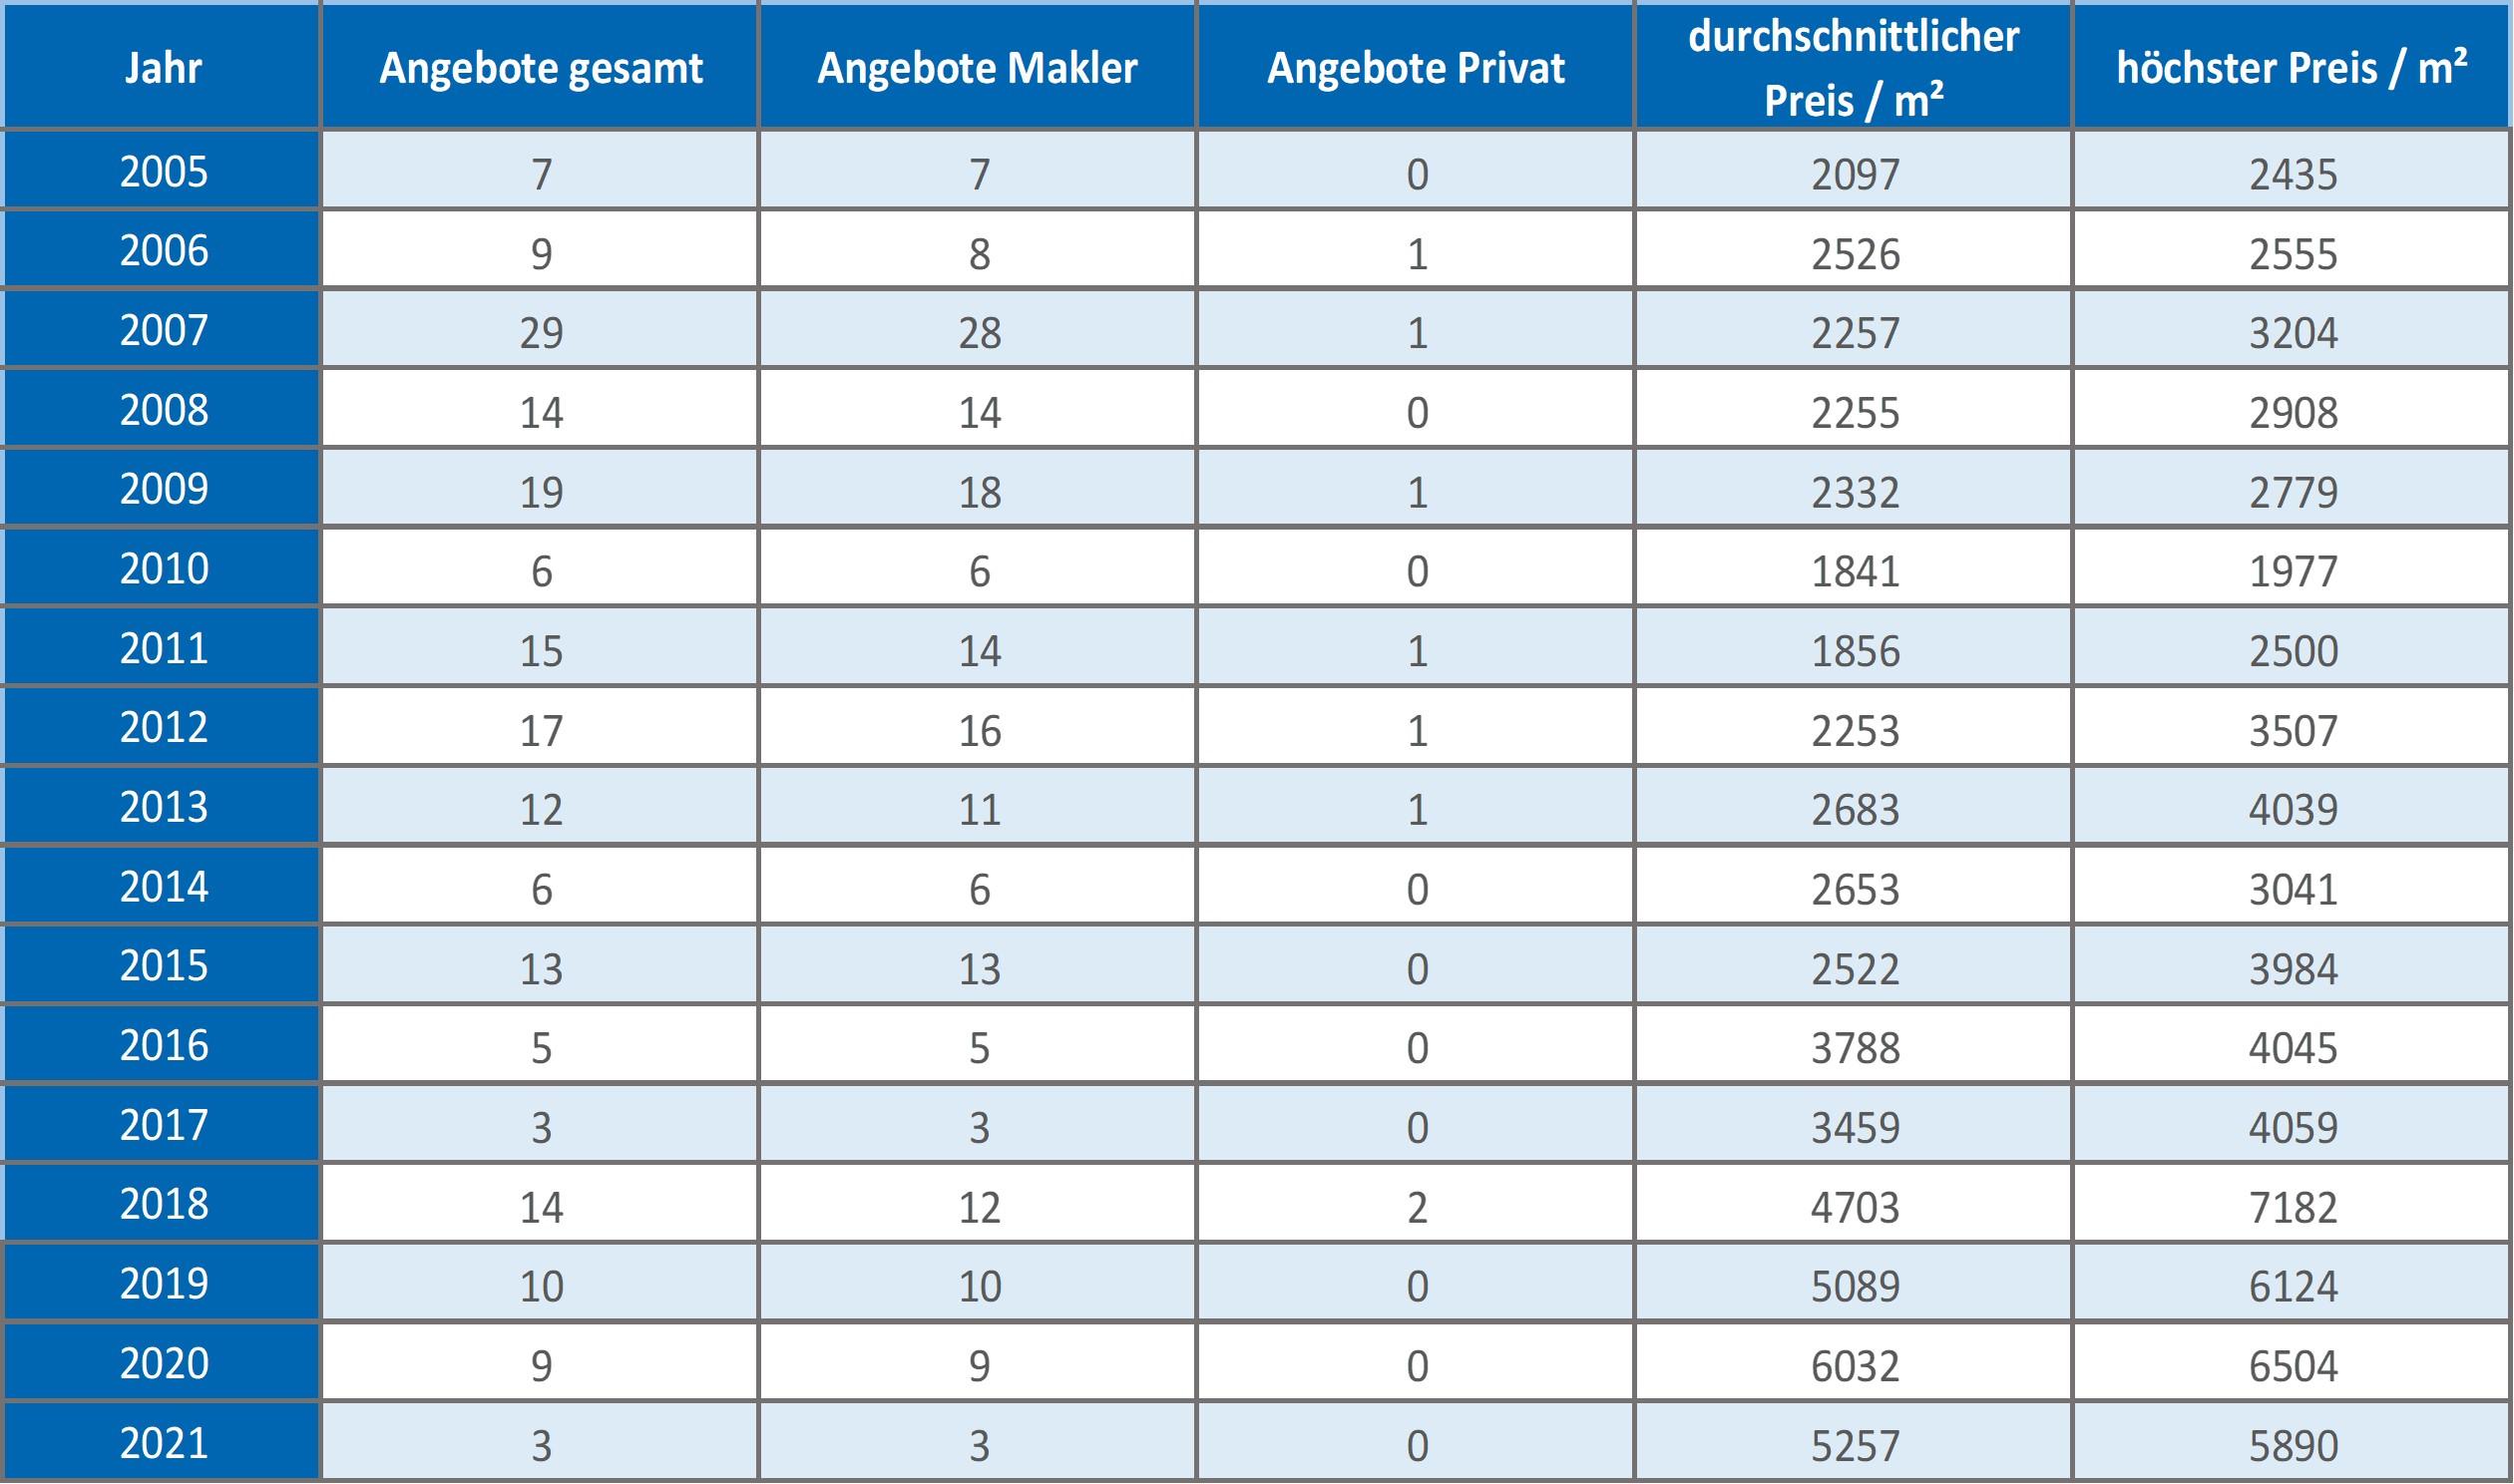 Aying-Wohnung-kaufen-verkaufen-Makler 2019, 2020, 2021